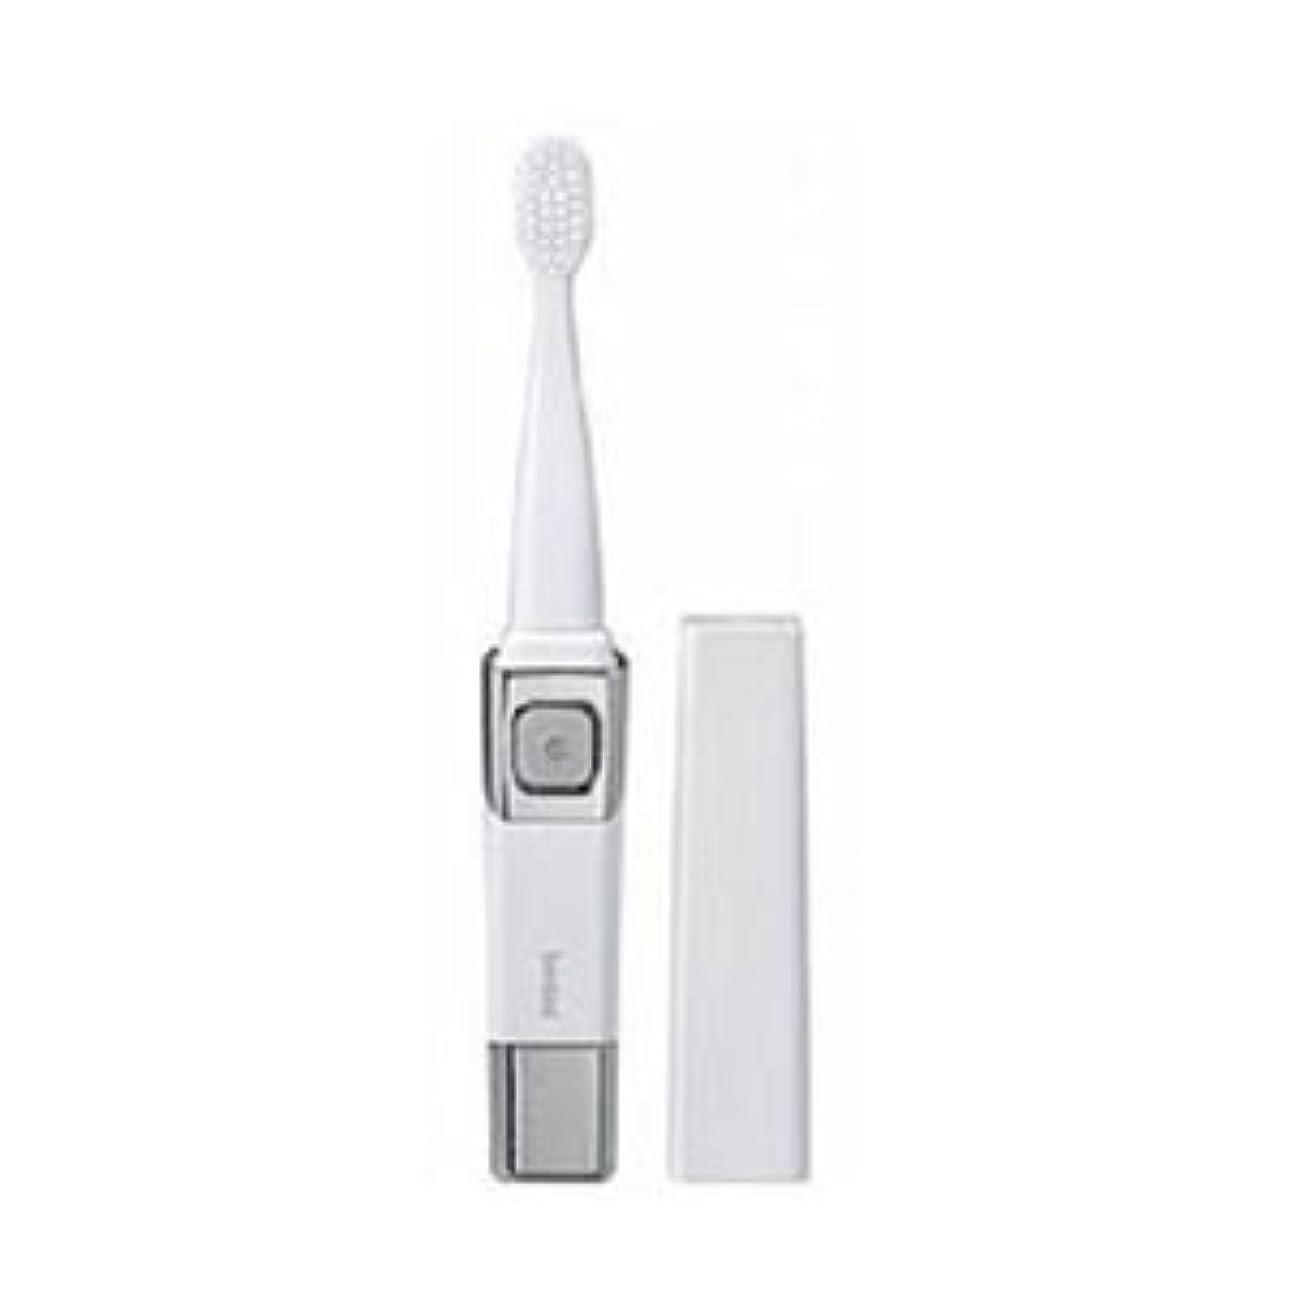 講義条約大工(まとめ)ツインバード 音波振動歯ブラシ パールホワイト BD-2755PW【×3セット】